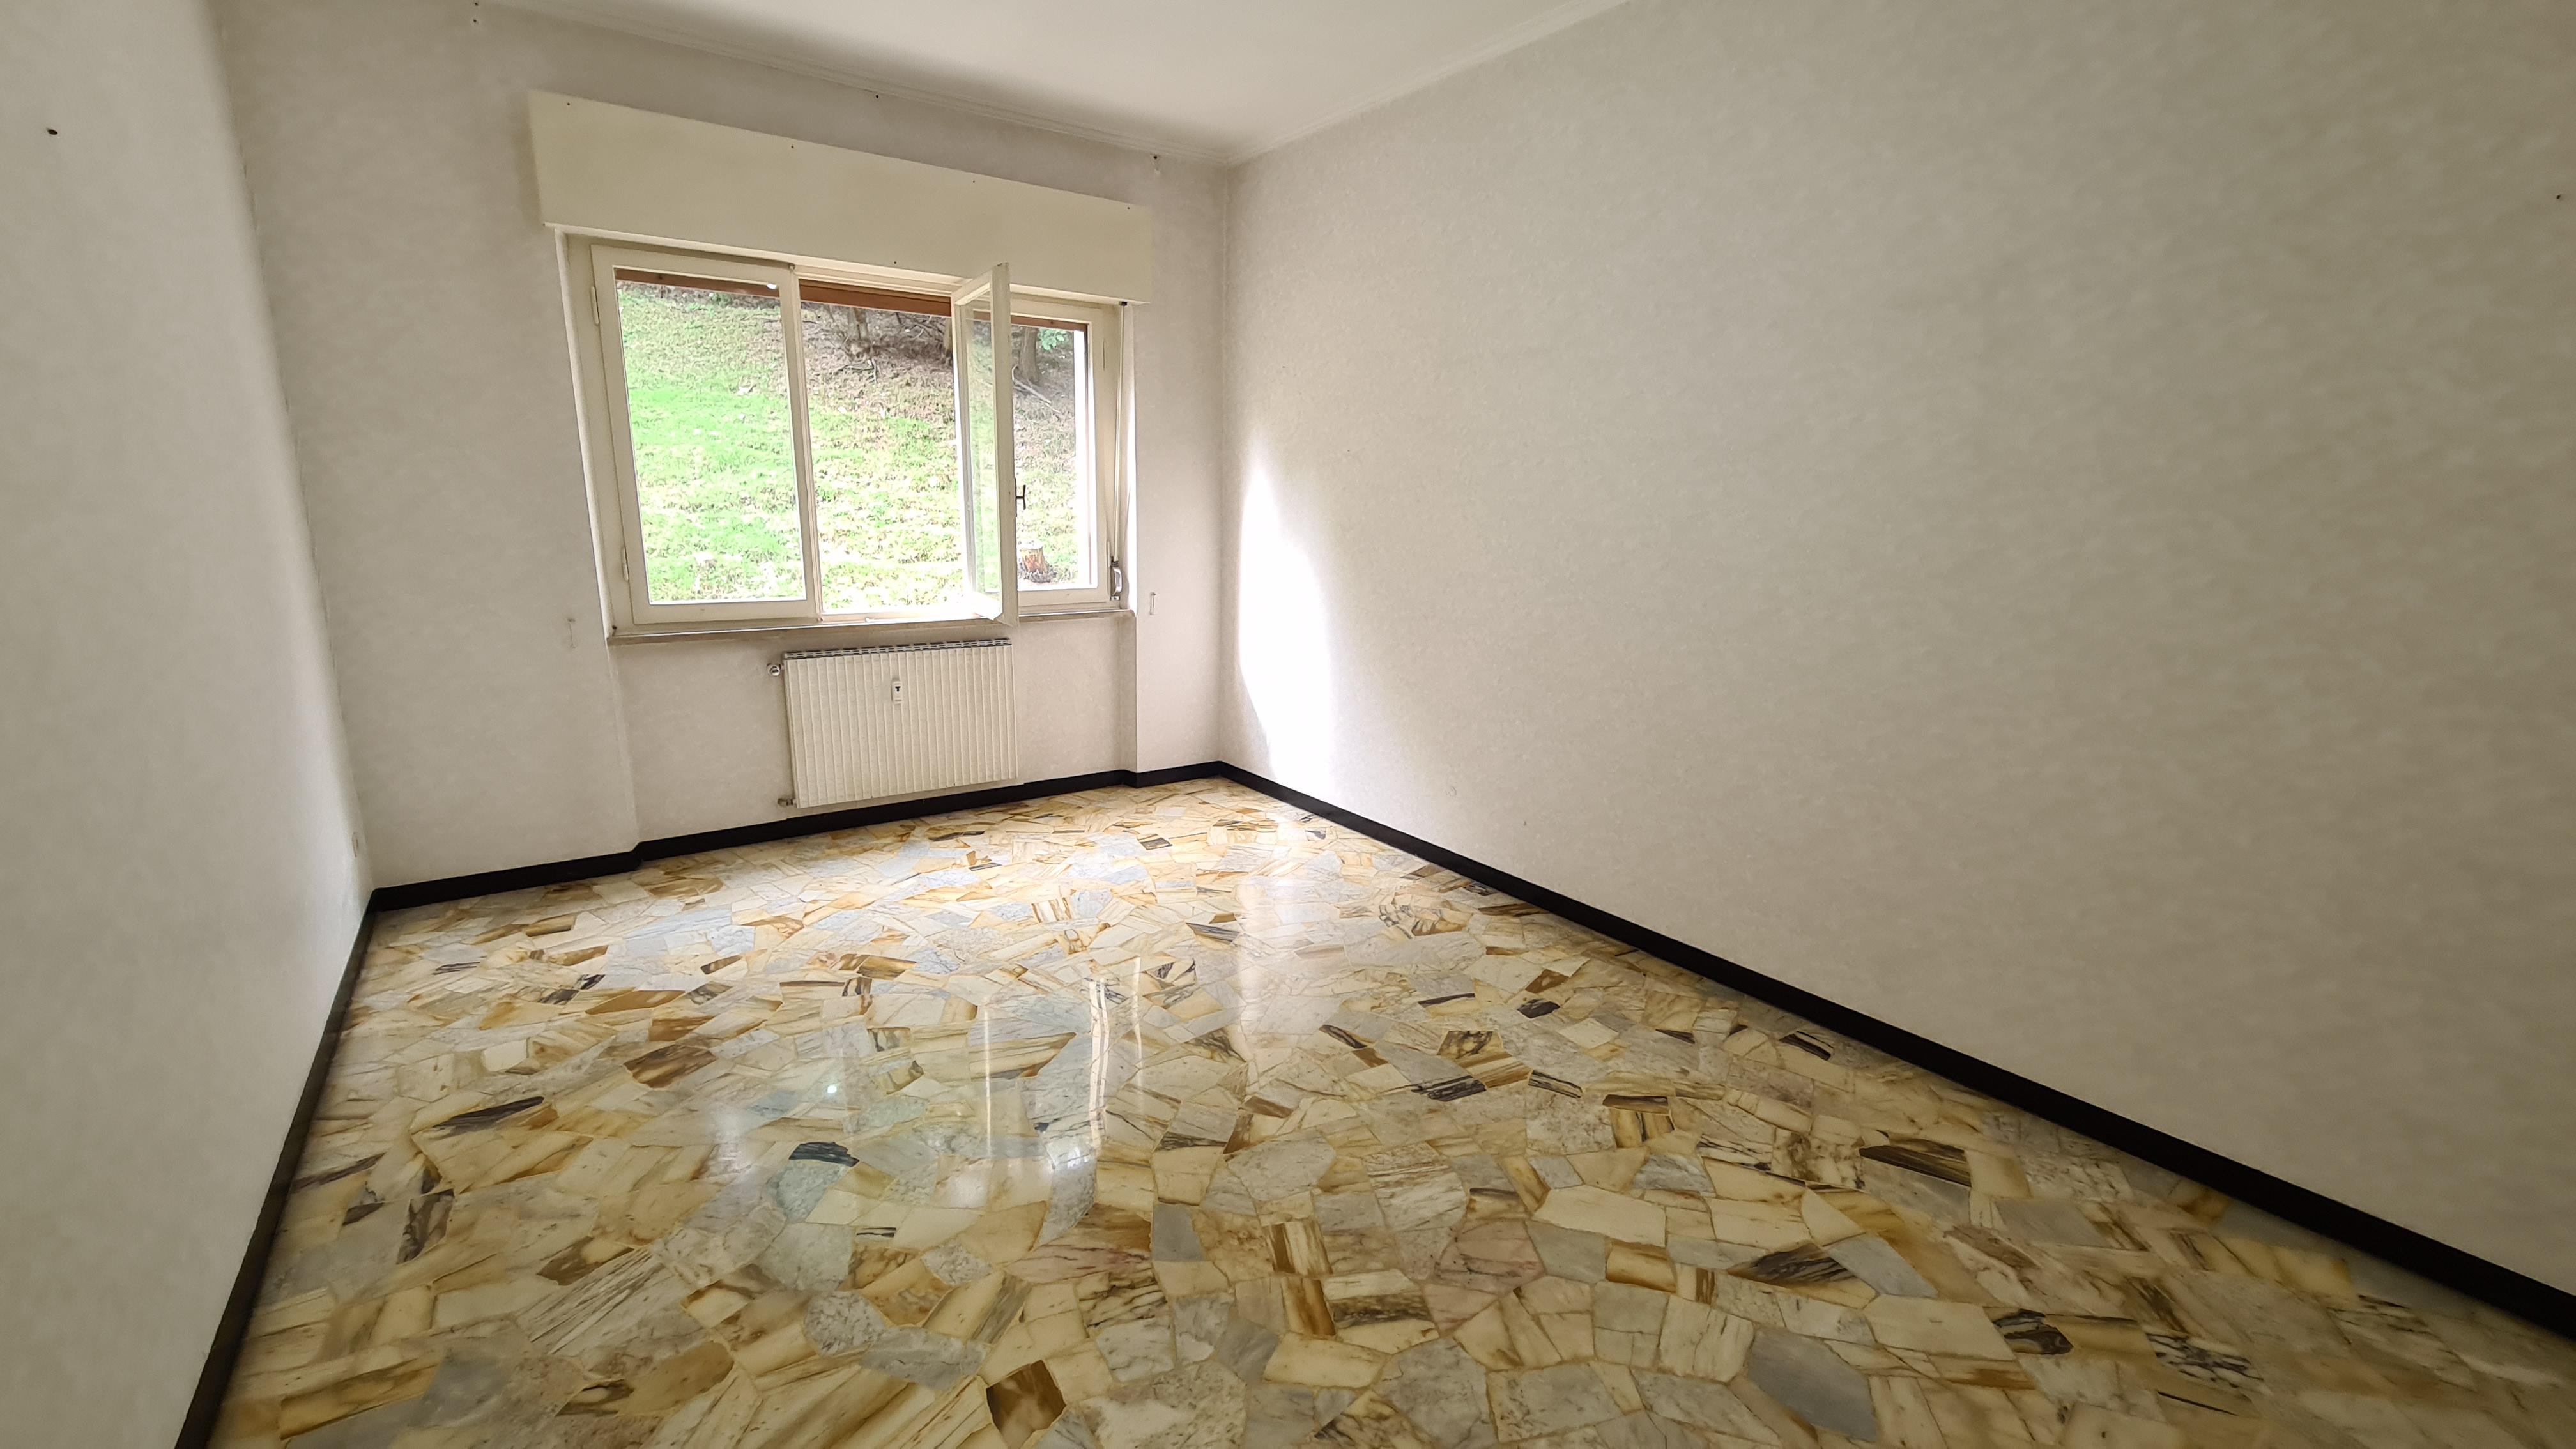 vendita appartamento inizio via ortigara